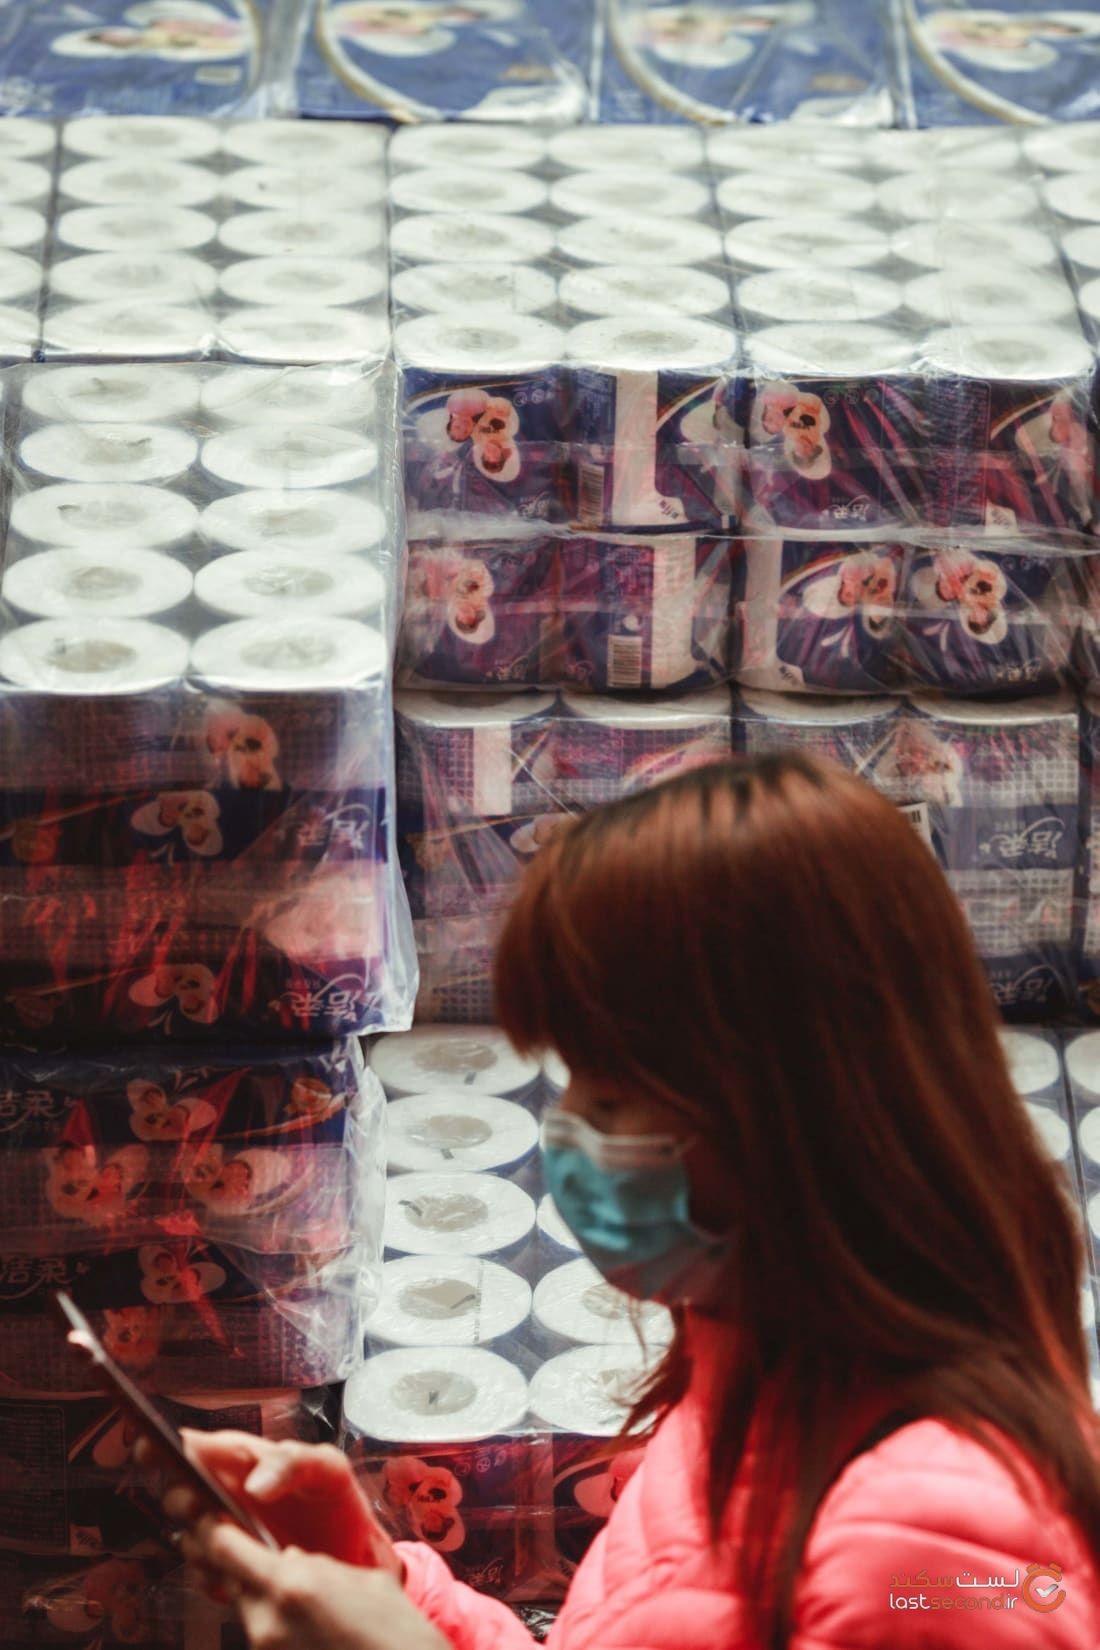 چگونه عکاسان میتوانند ارتباط انسانی را در عصر کرونا ویروس ثبت کنند؟